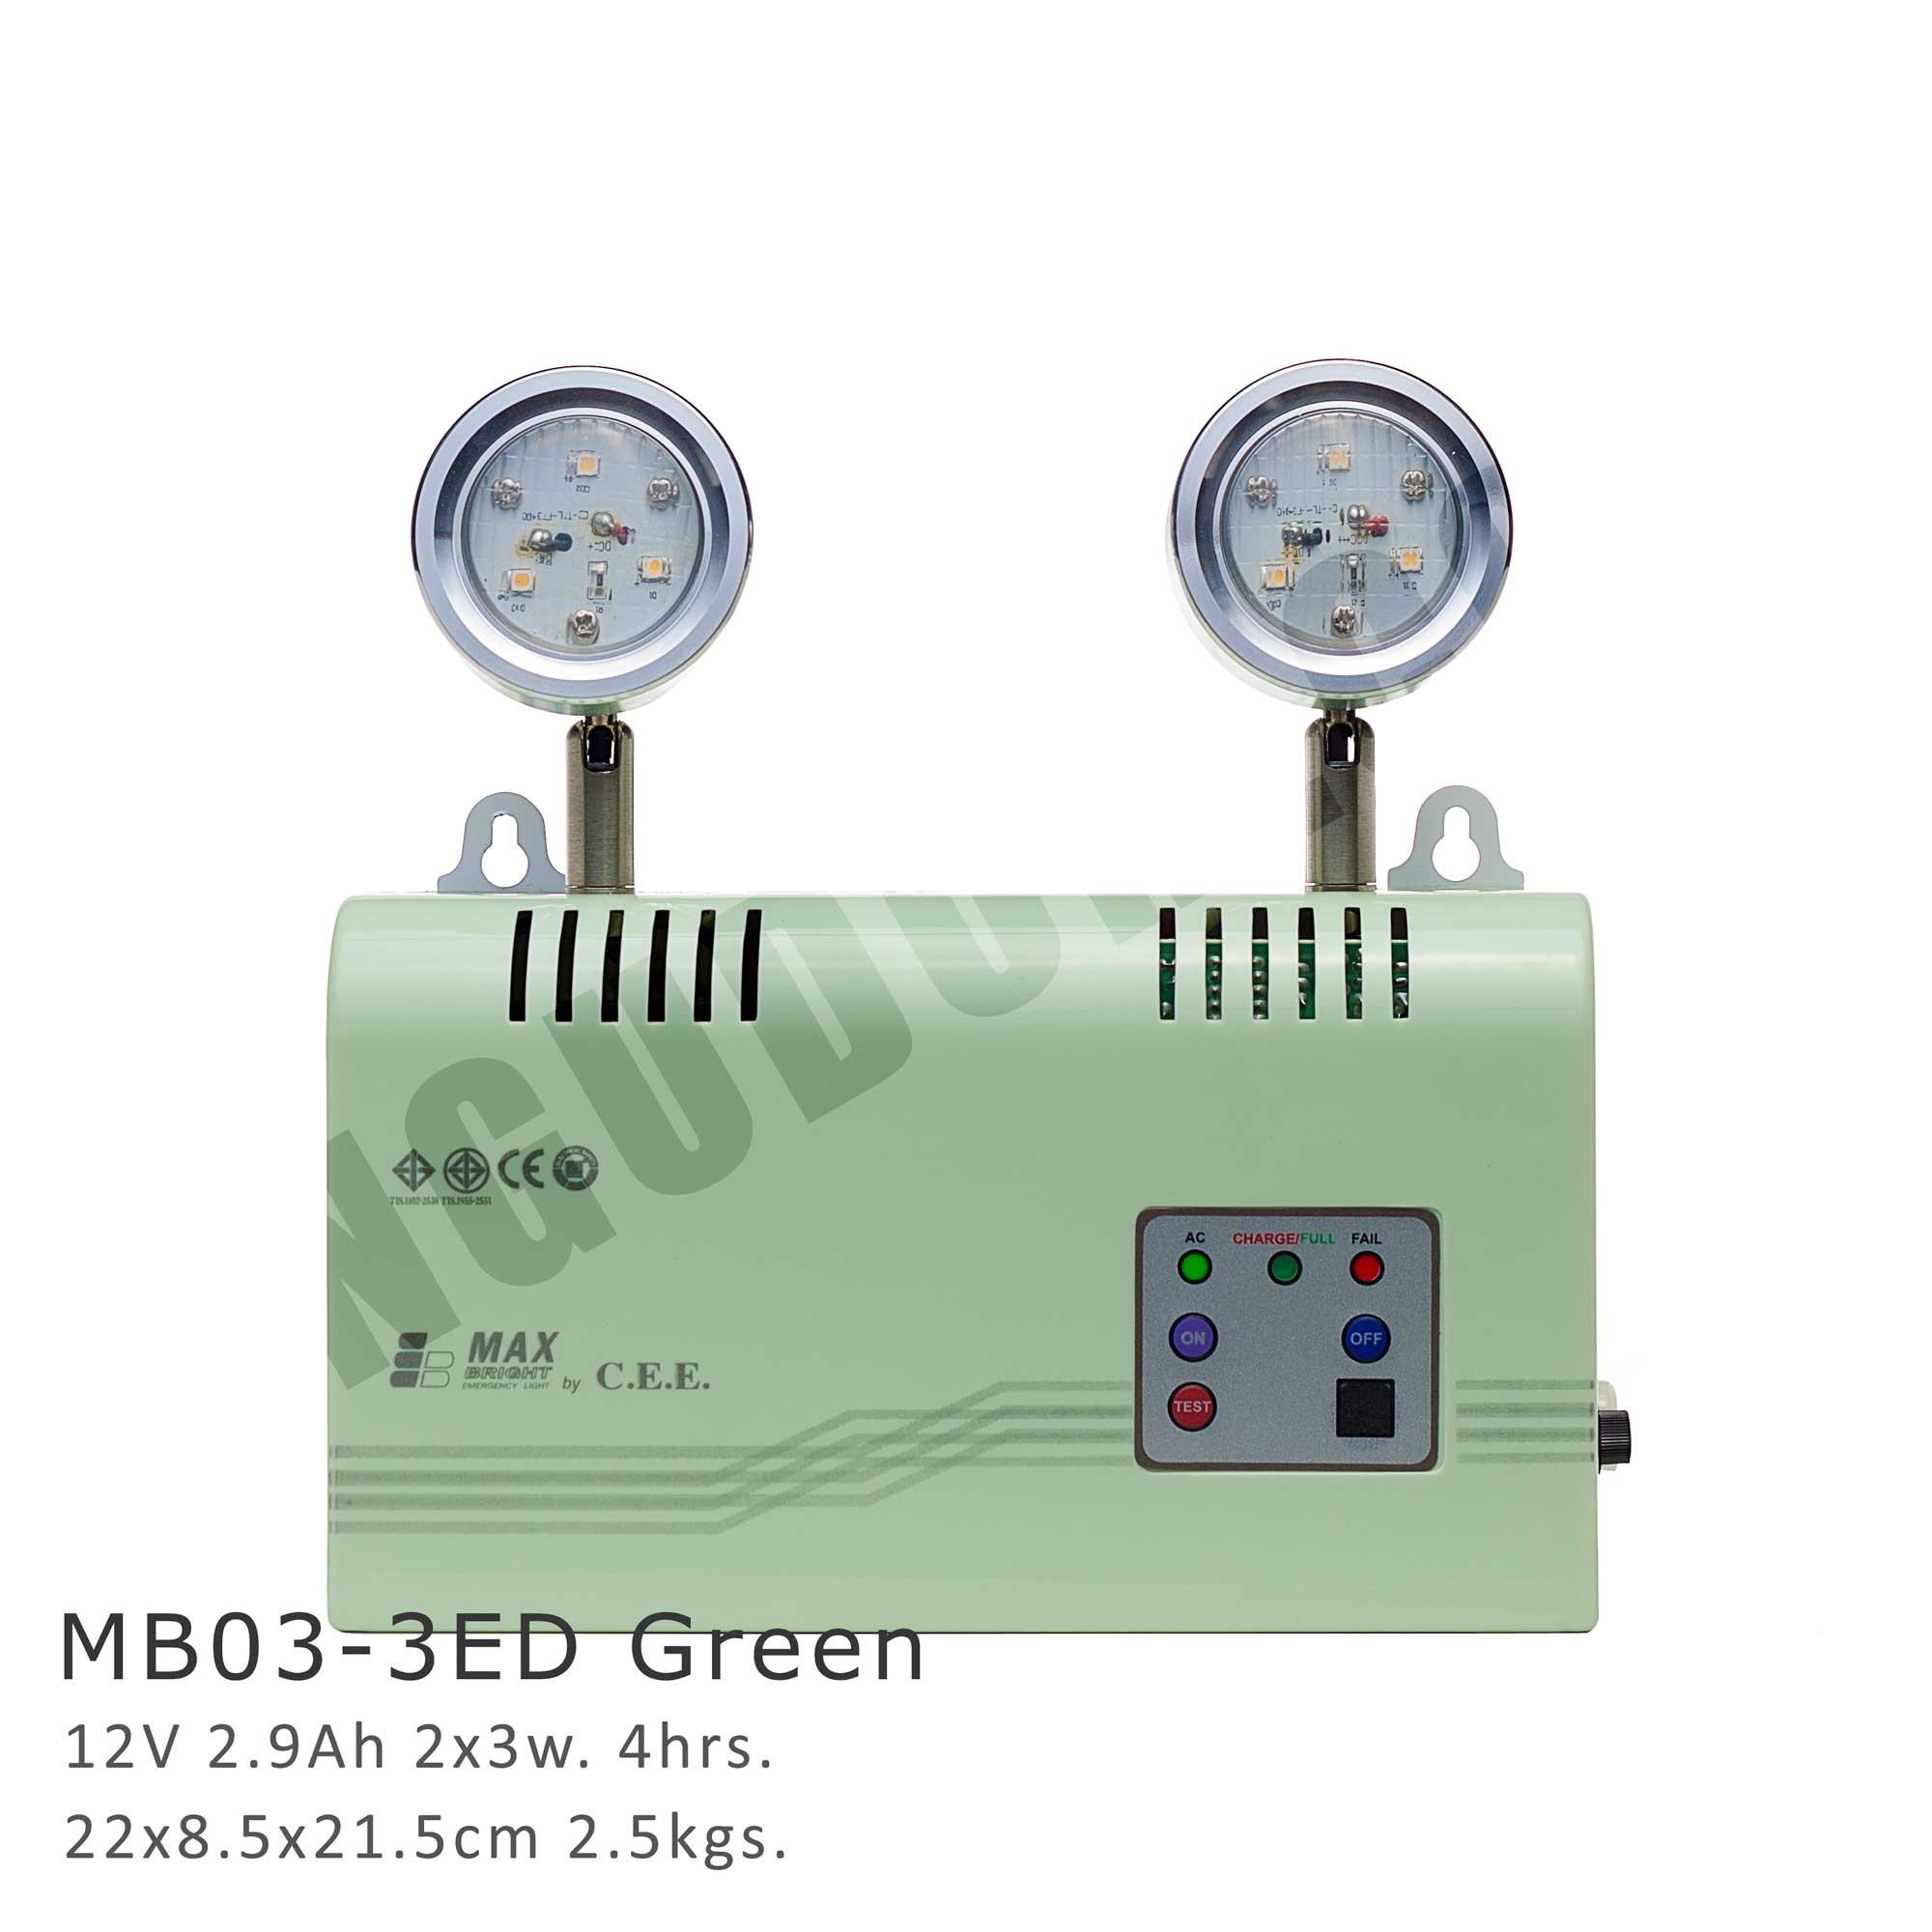 โคมไฟฉุกเฉิน LED 2 หลอด 3 watt 12V 2.9Ah 4hrs สีเขียว MB03-3ED MAX BRIGHT Emergency Light